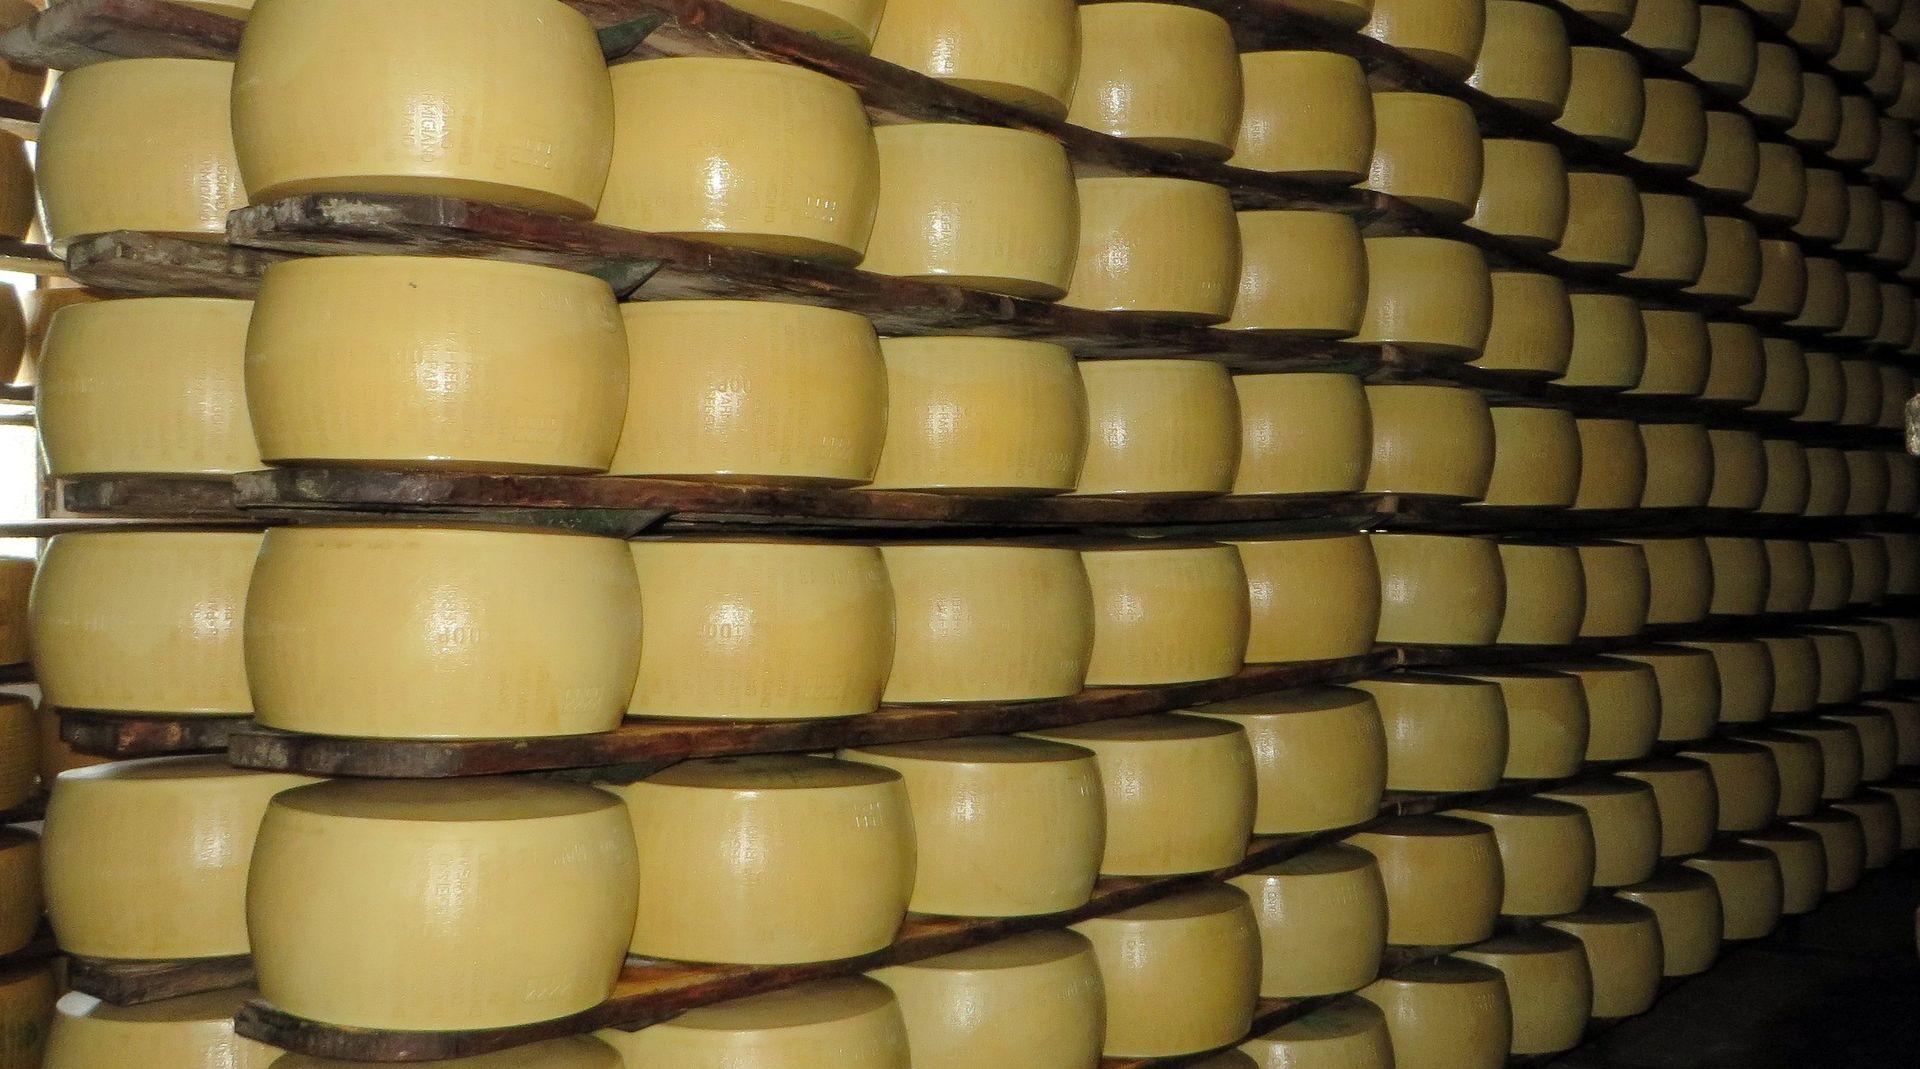 GDJE JE KRAJ Povučen i prominski sir – pronađena bakterija Listeria monocytogenes